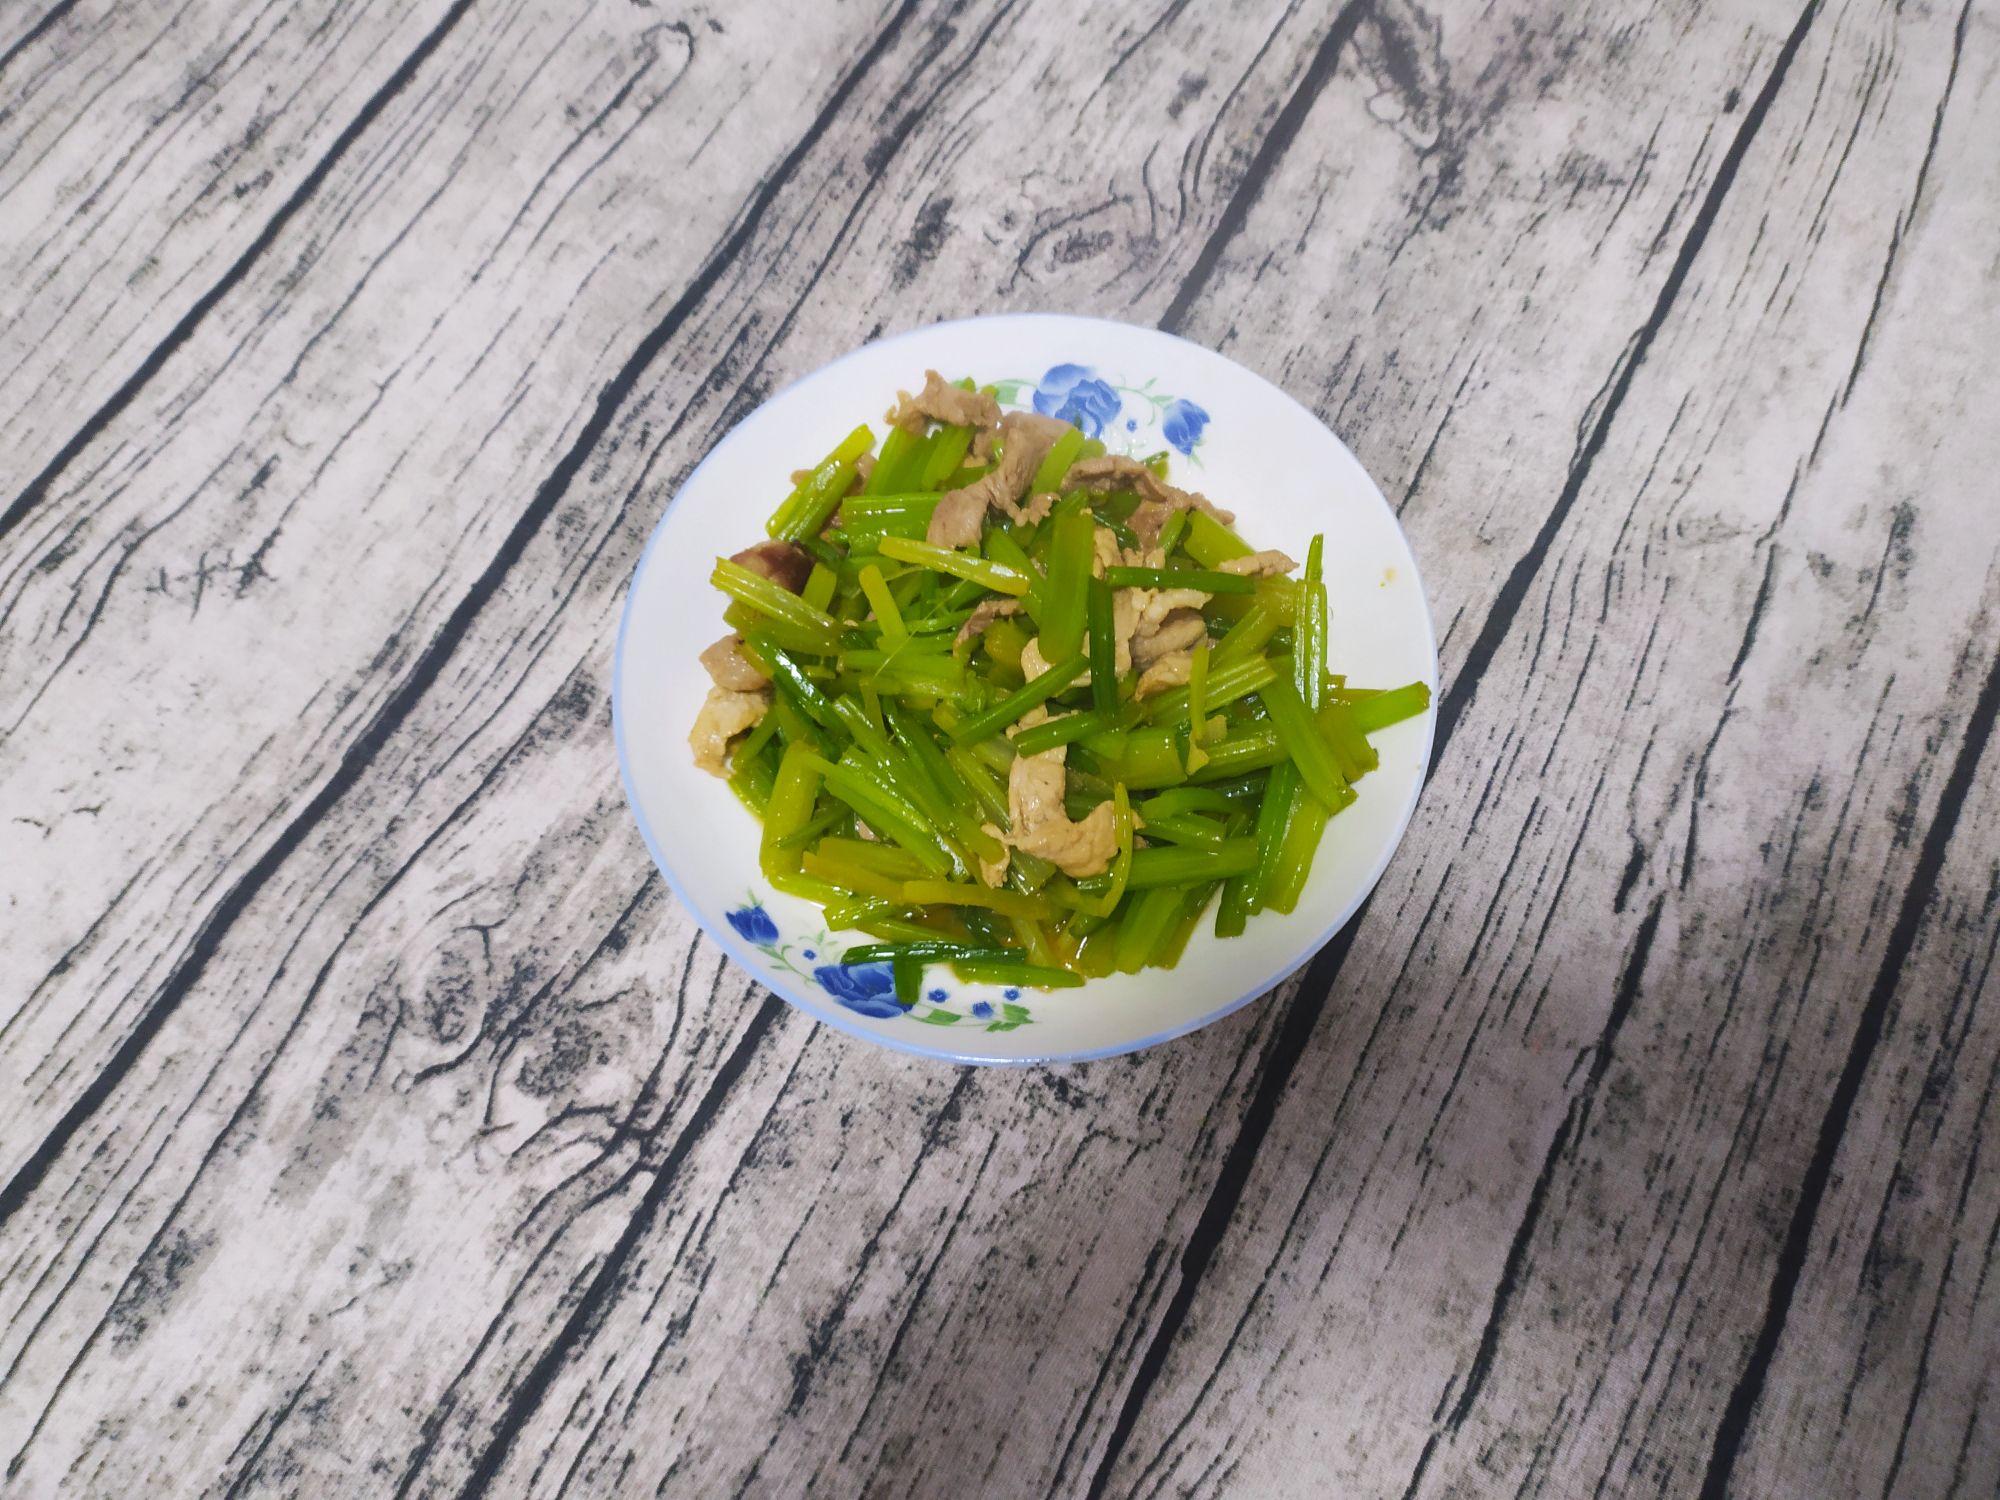 芹菜炒肉的简单做法